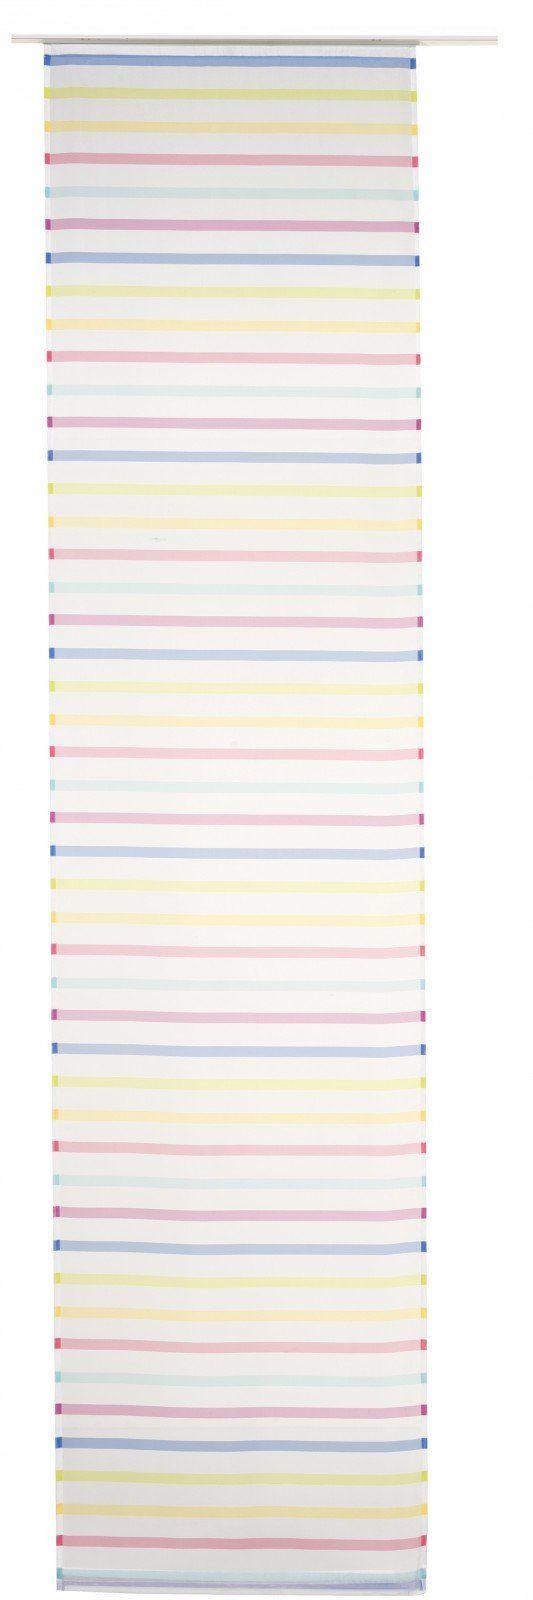 Elbersdrucke Feel Good 04 zasłona przesuwna, poliester, biało-kolorowa, 245 x 60 cm